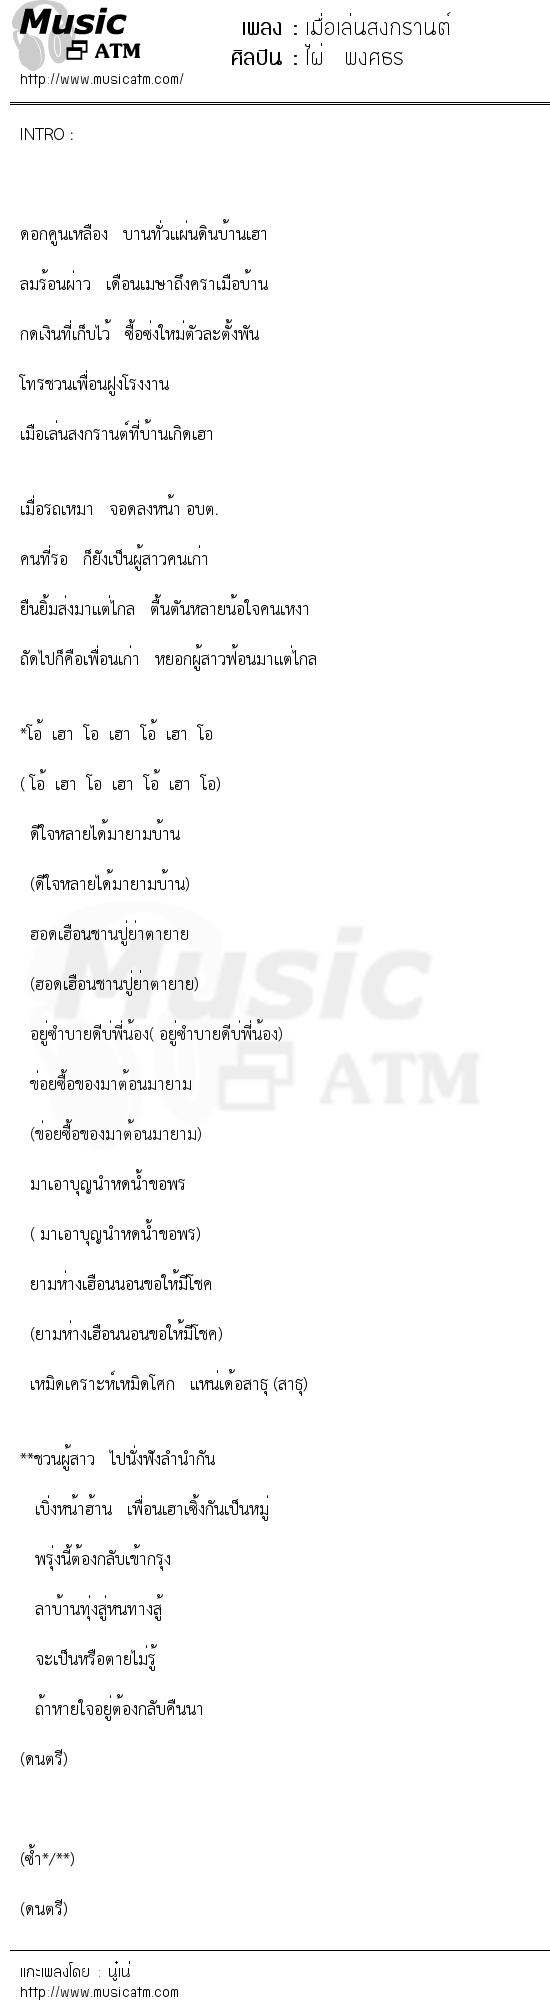 เมื่อเล่นสงกรานต์ | เพลงไทย